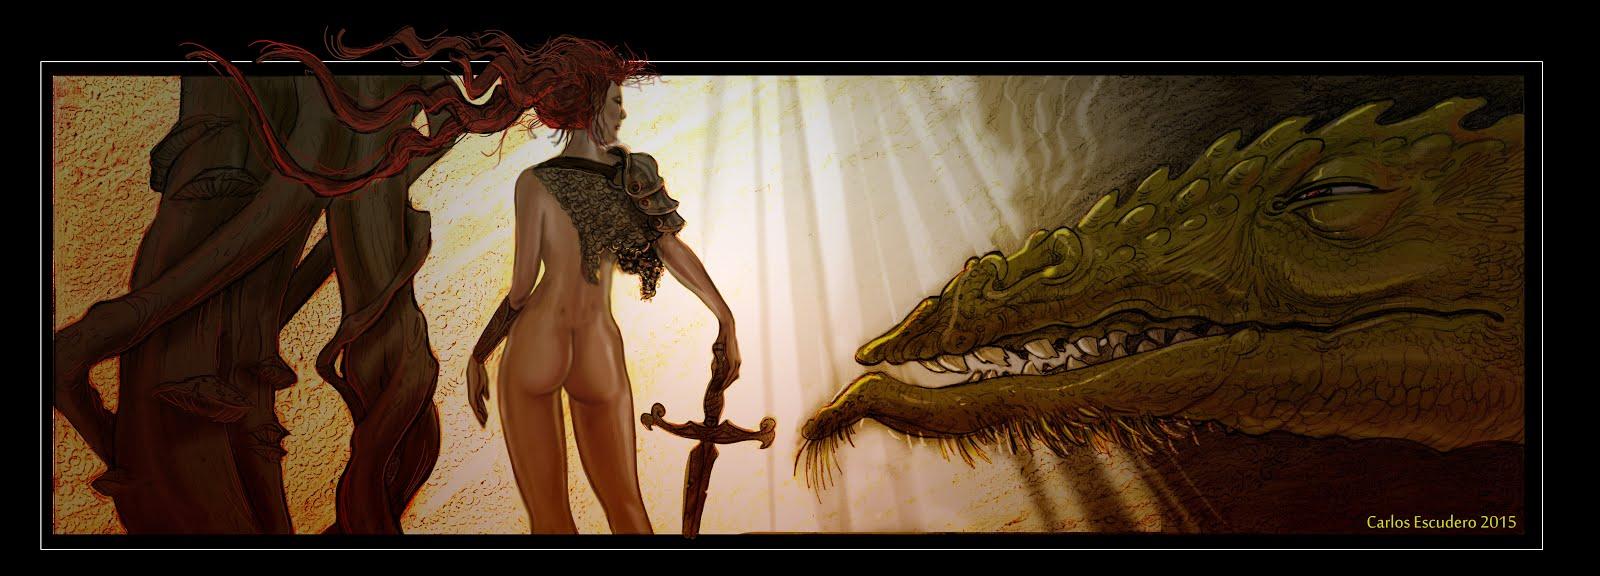 El dragón y ella